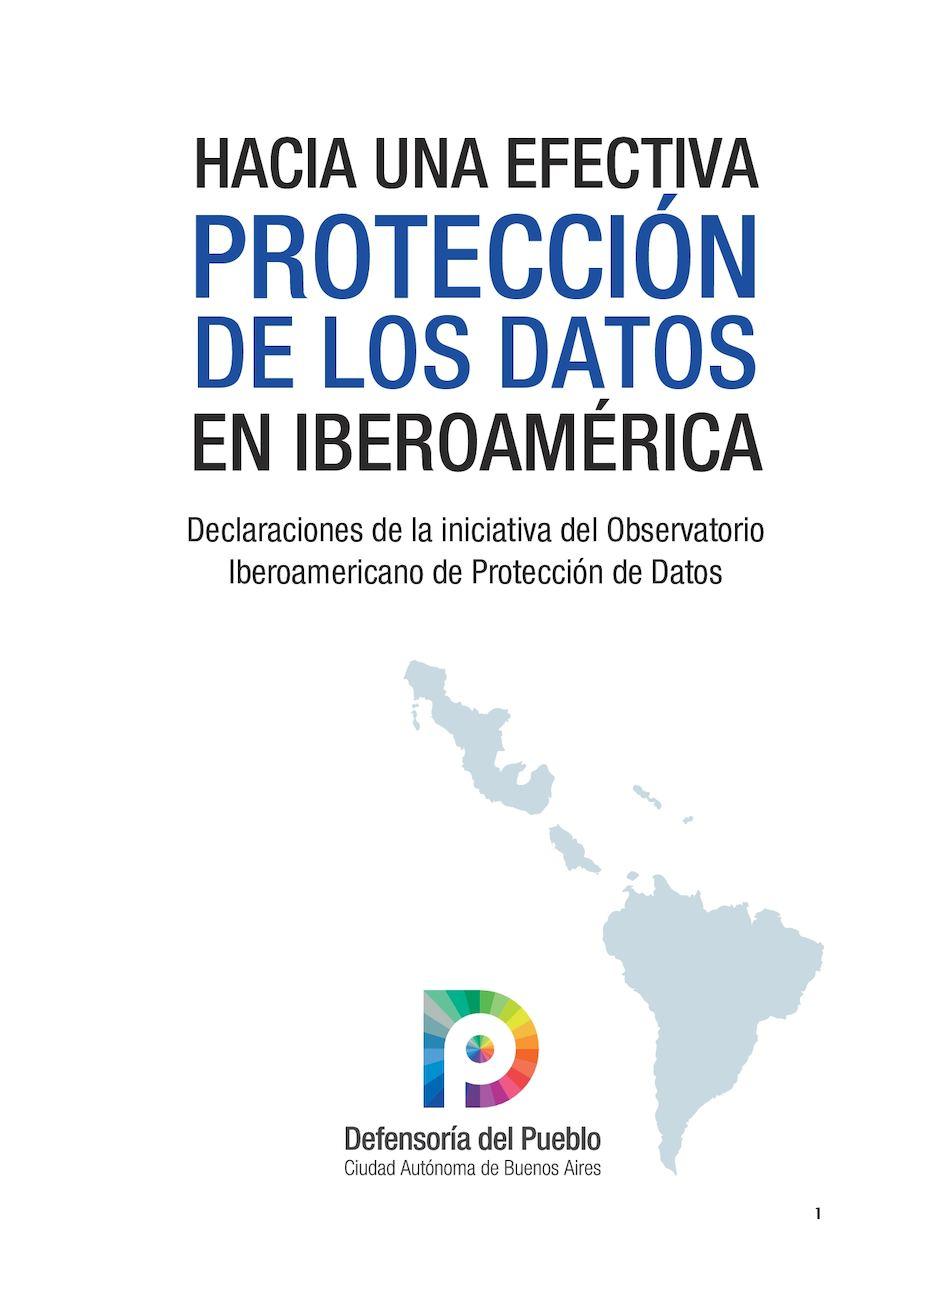 Calaméo - HACIA UNA EFECTIVA PROTECCIÓN DE LOS DATOS EN IBEROAMÉRICA